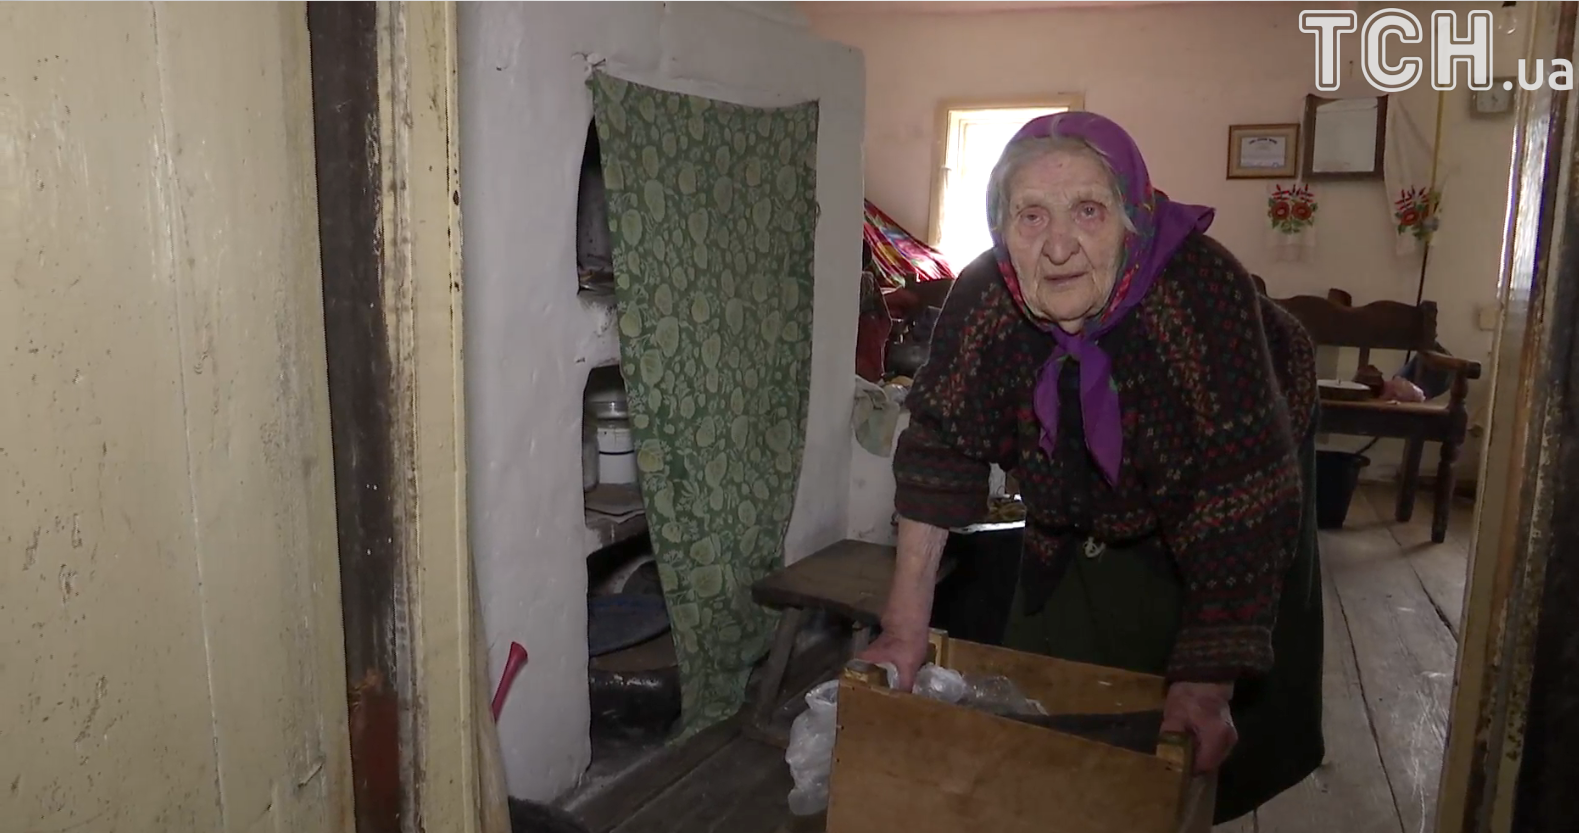 Найстарша жінка України Христина Нагорна_1